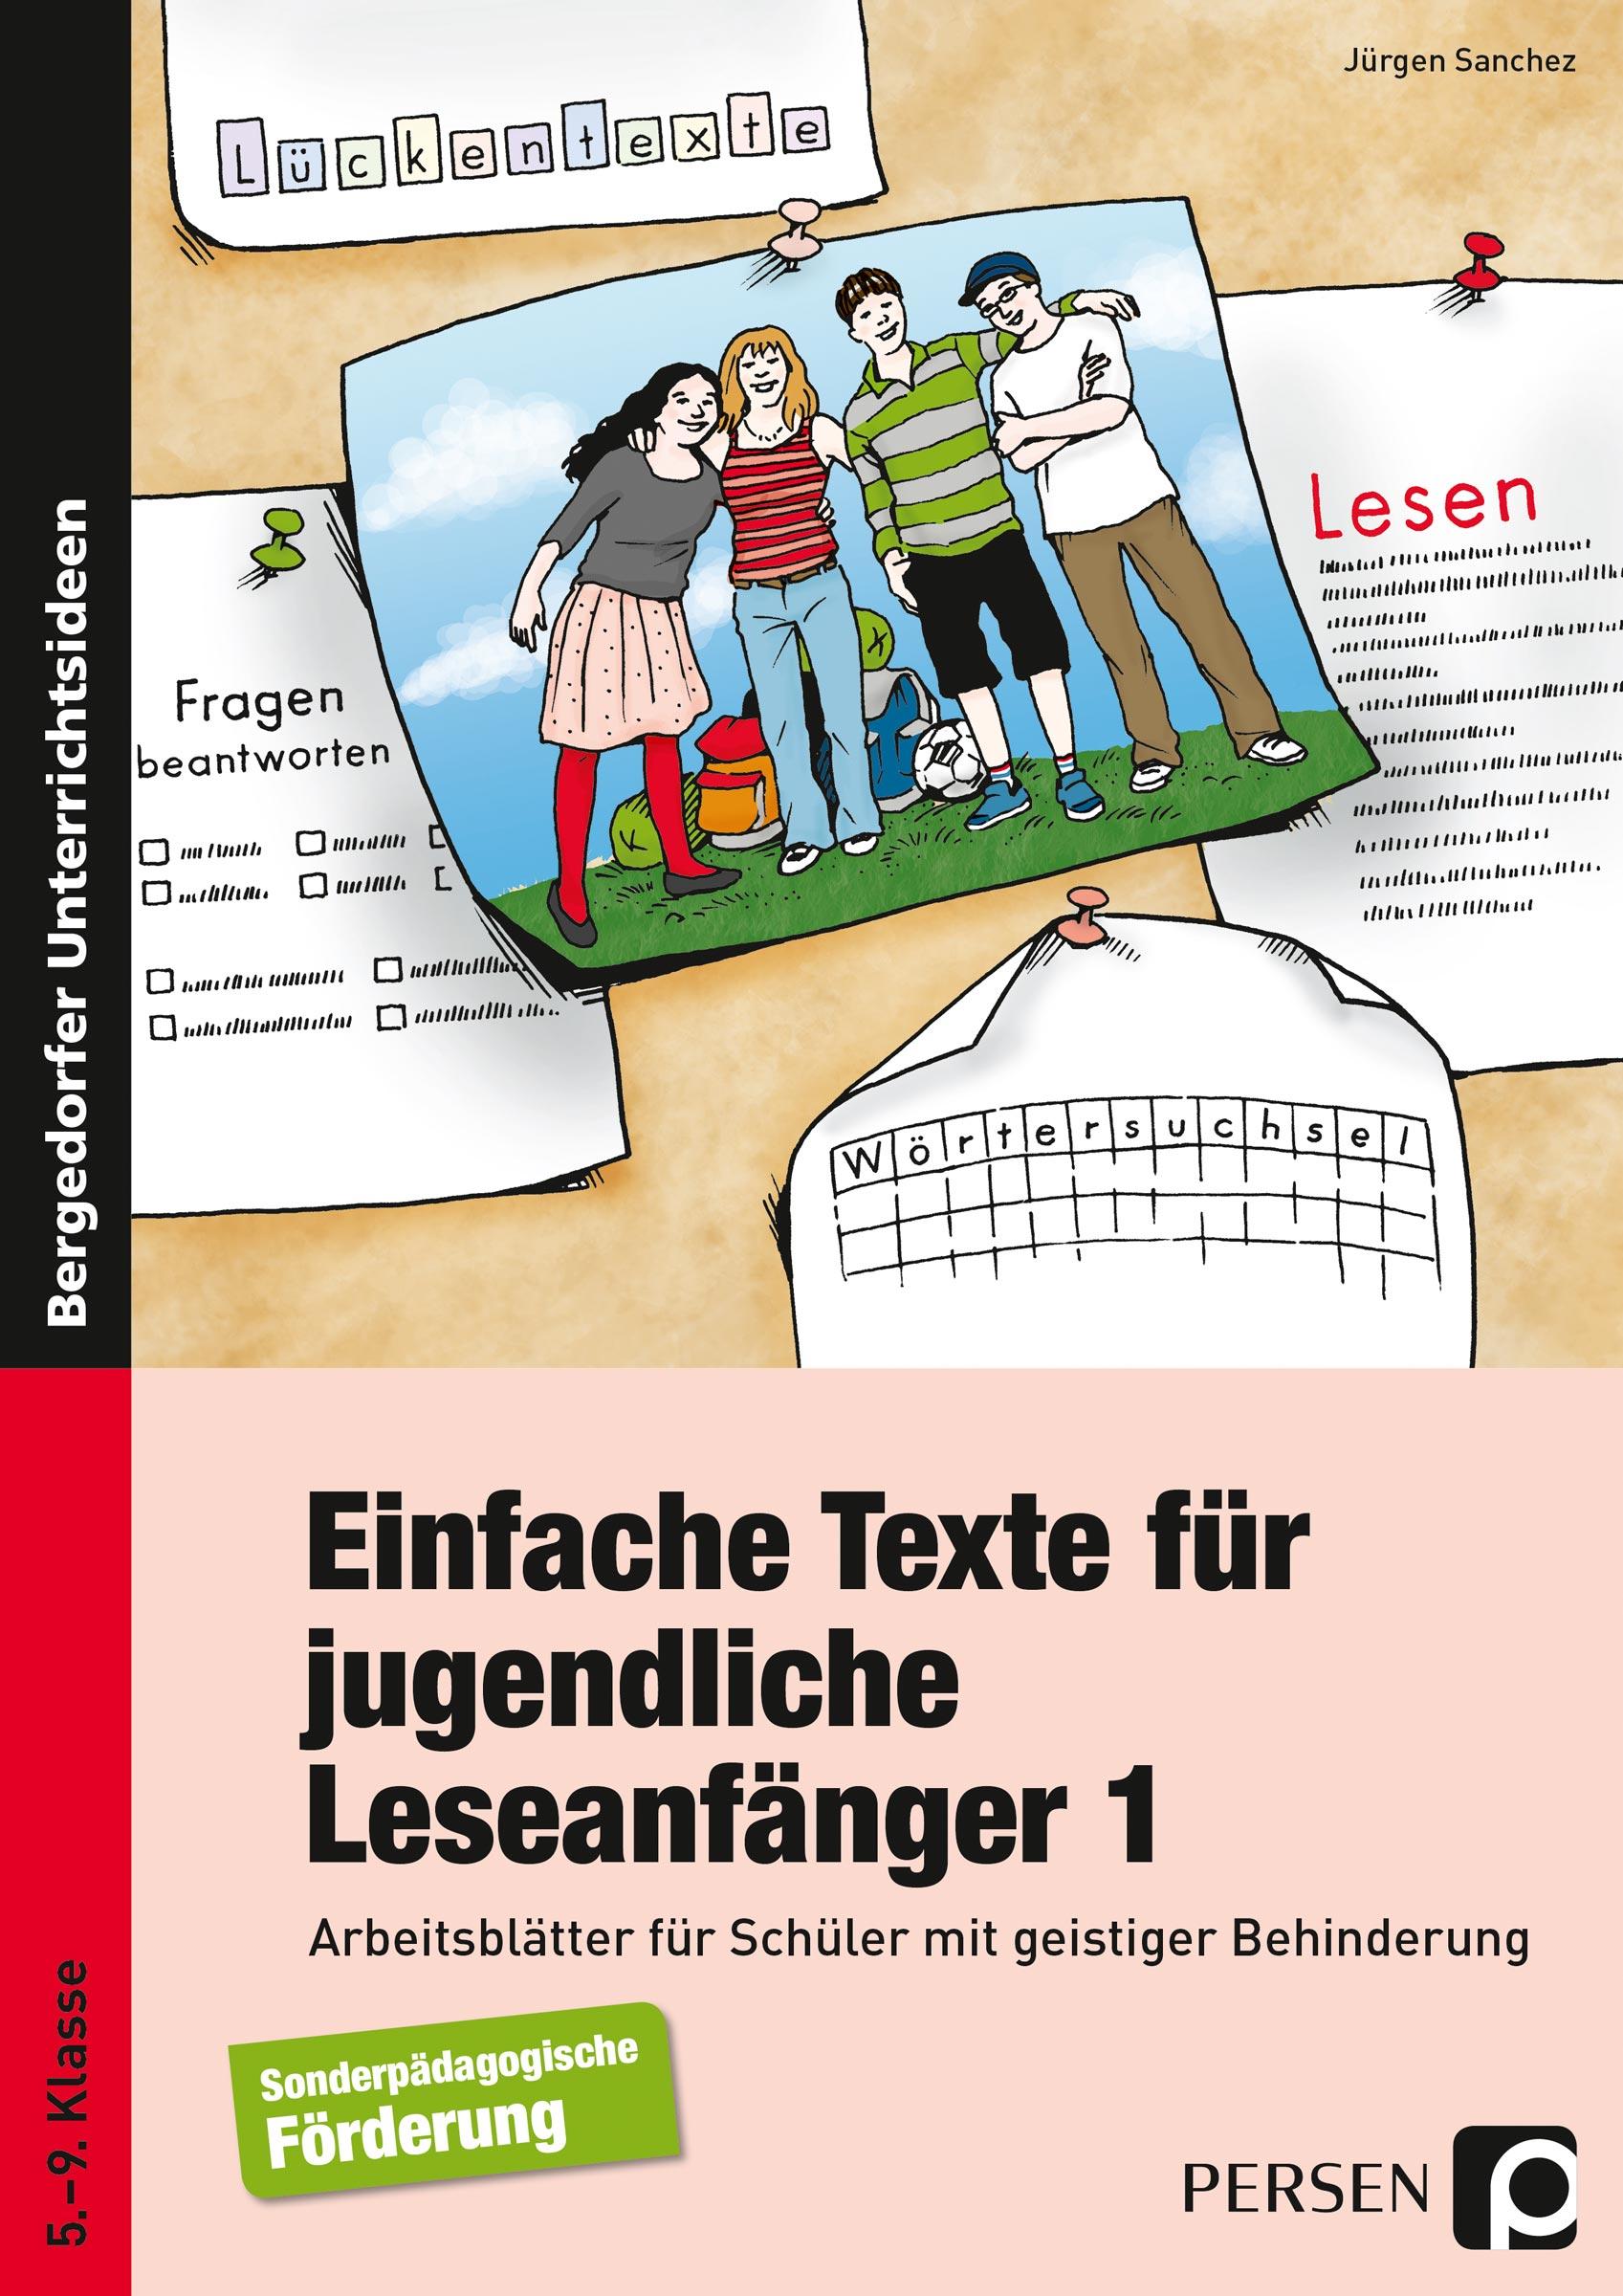 Einfache Texte für jugendliche Leseanfänger von Sanchez, Jürgen: Ar